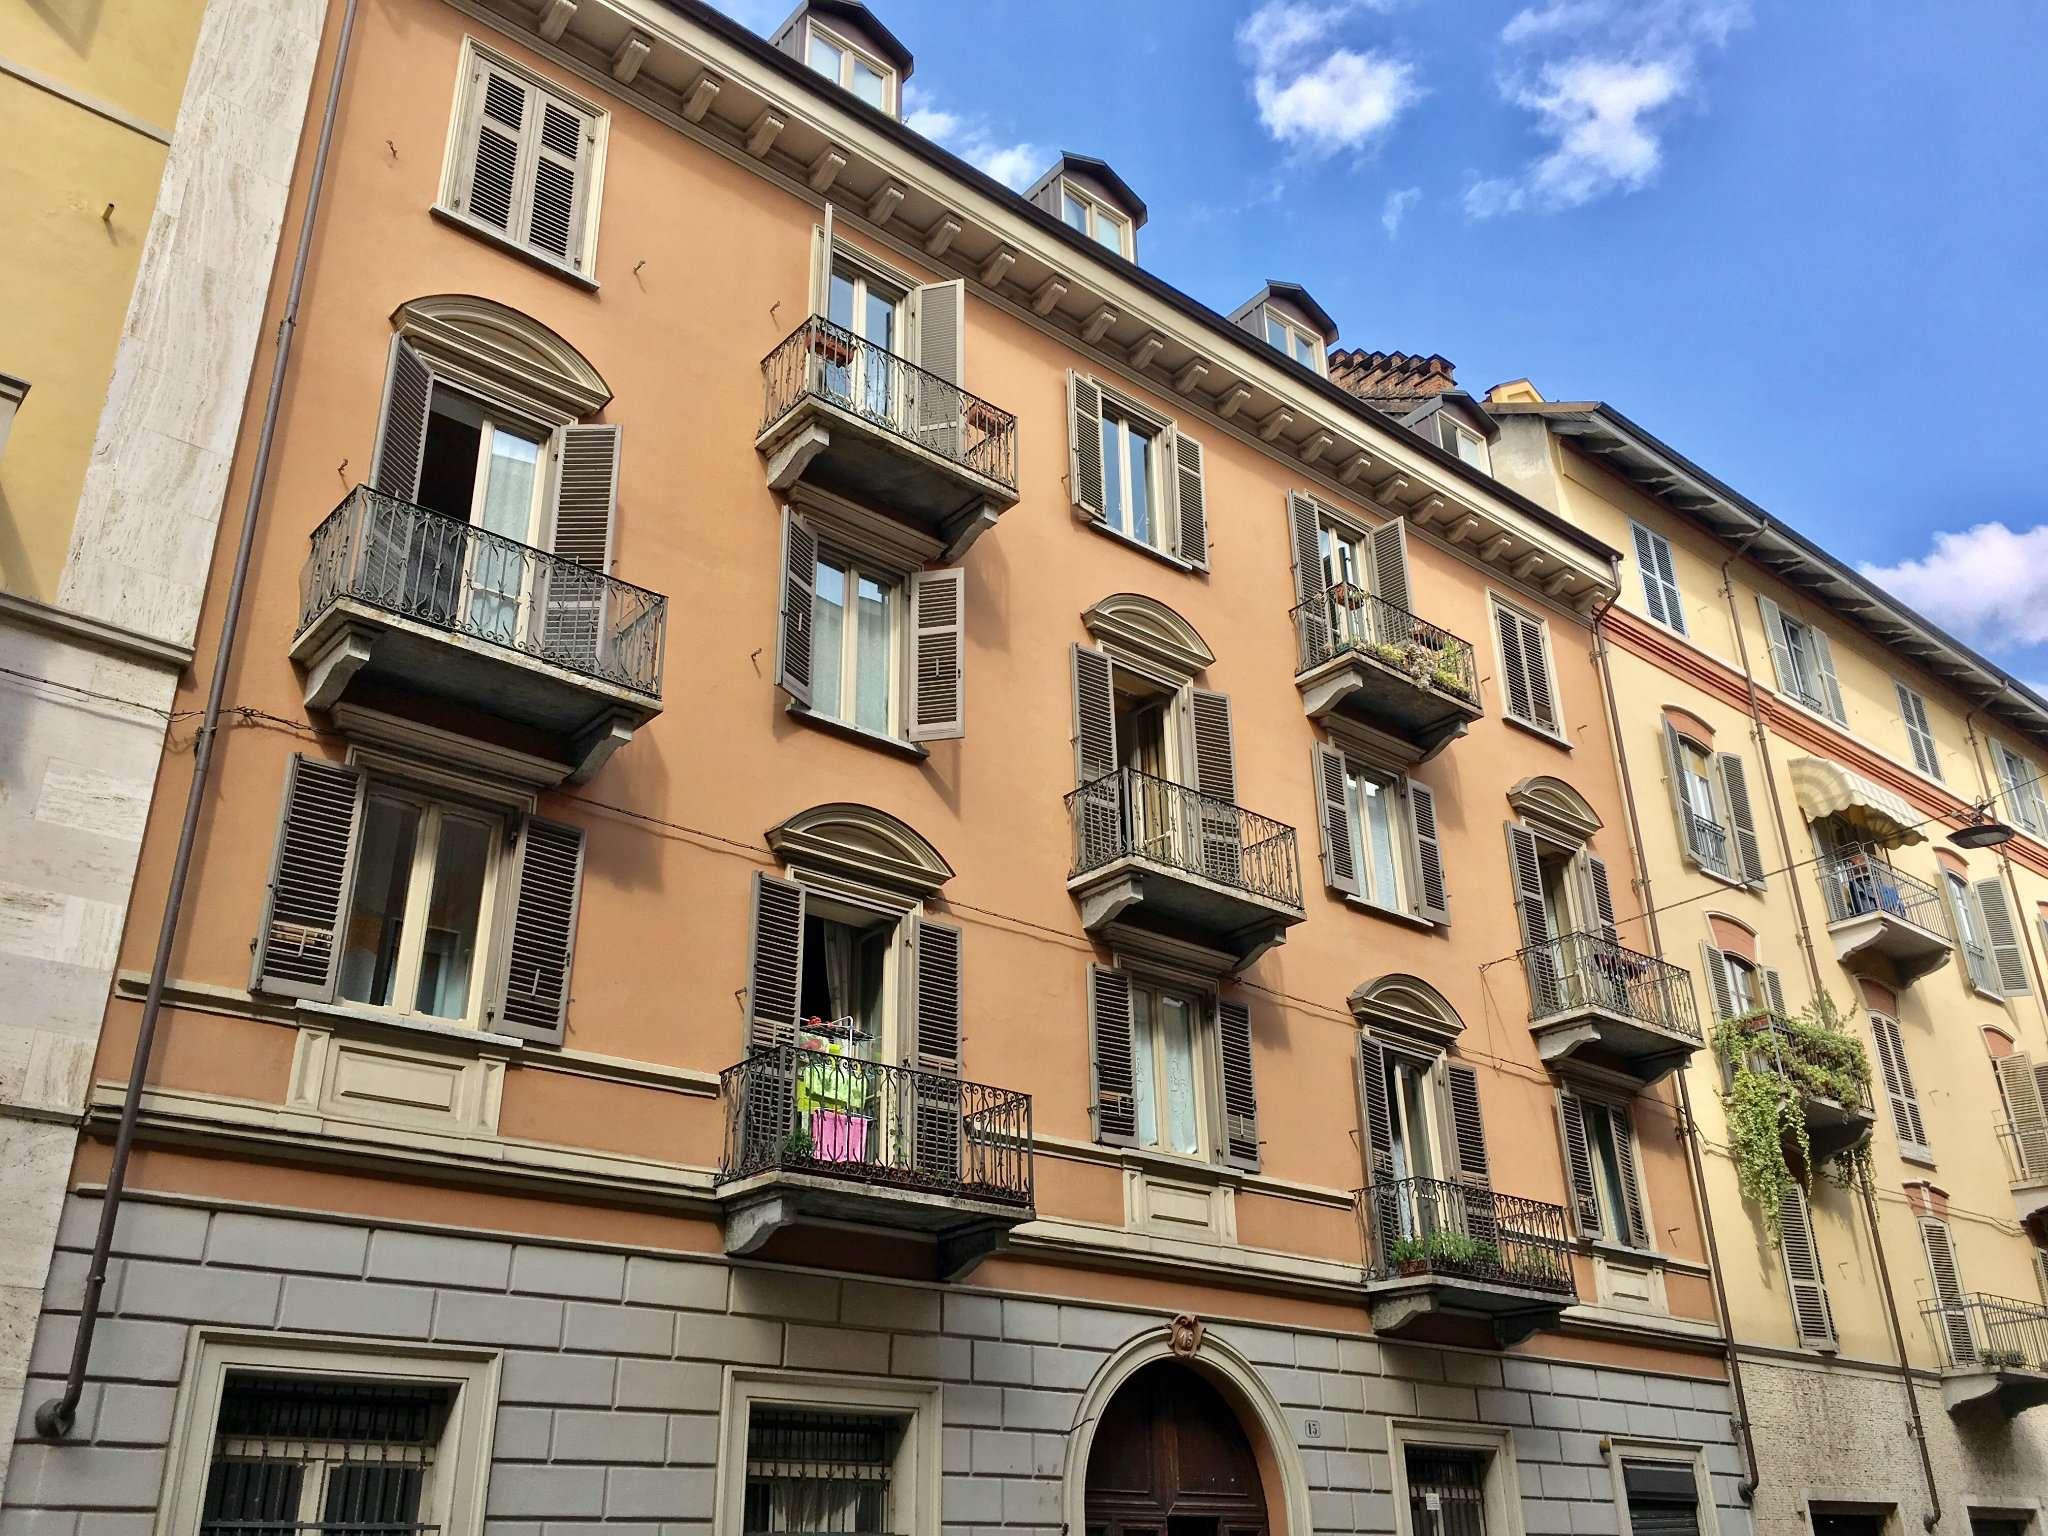 Appartamenti Universitari Torino